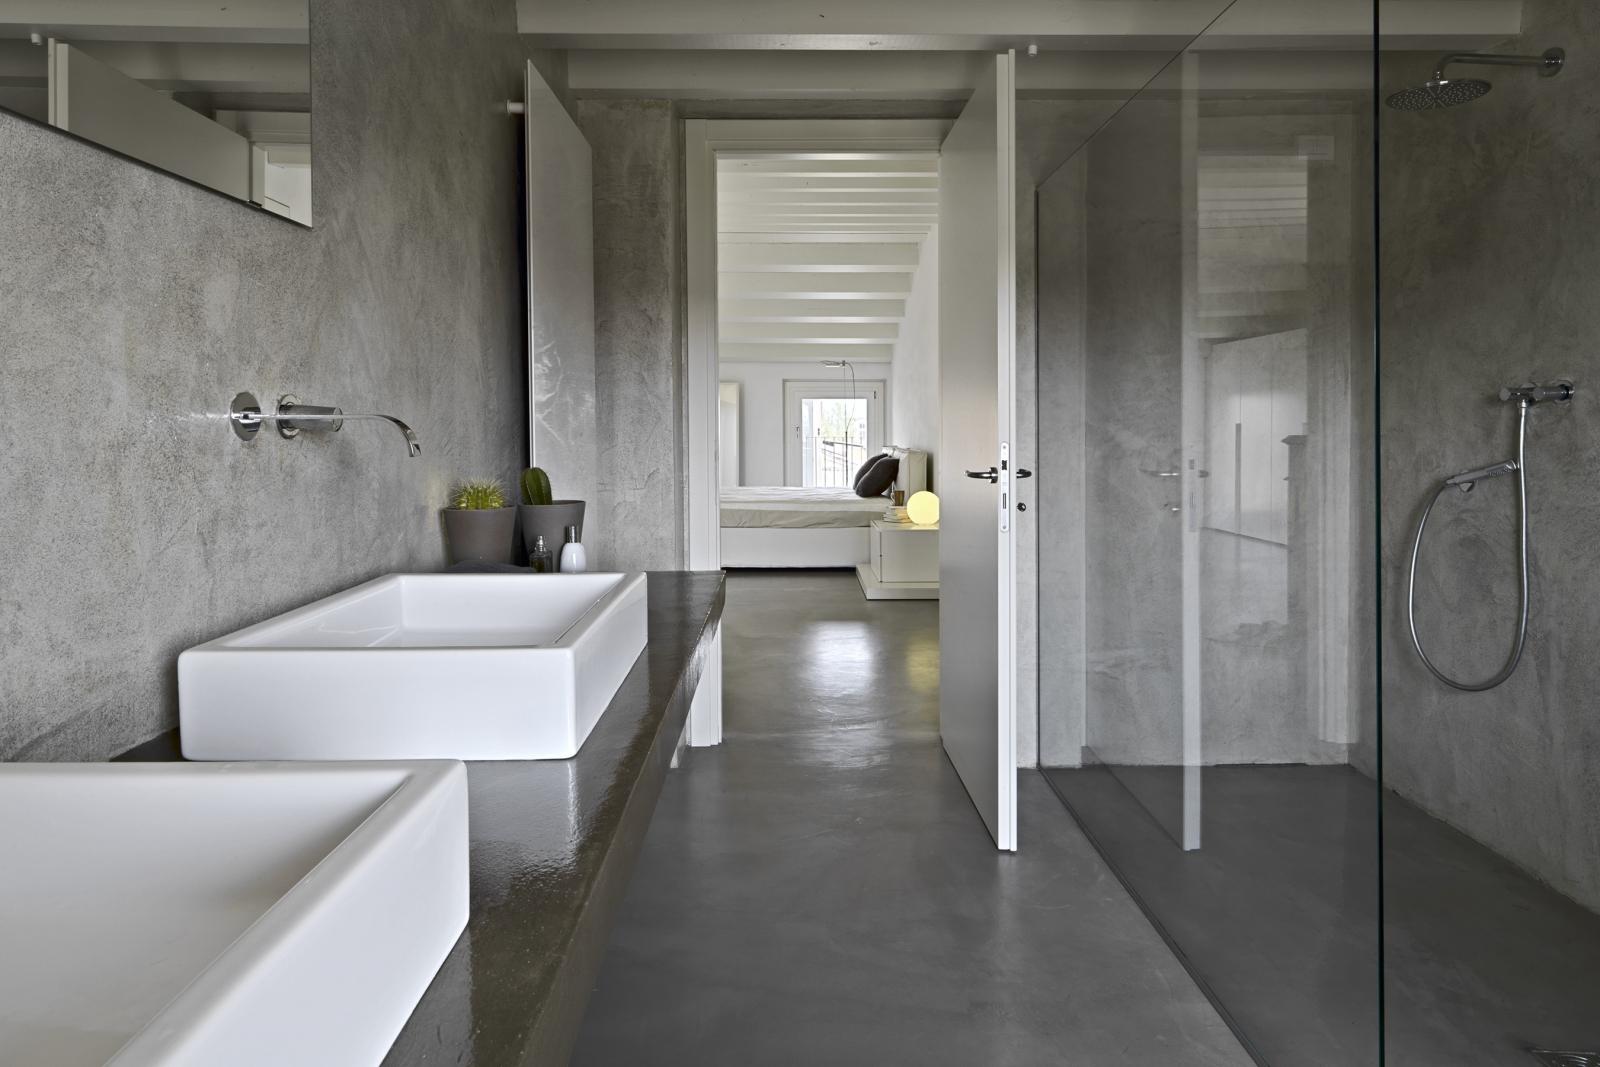 Een gietvloer in de badkamer inspiratie en informatie - Kamer kleur idee ...